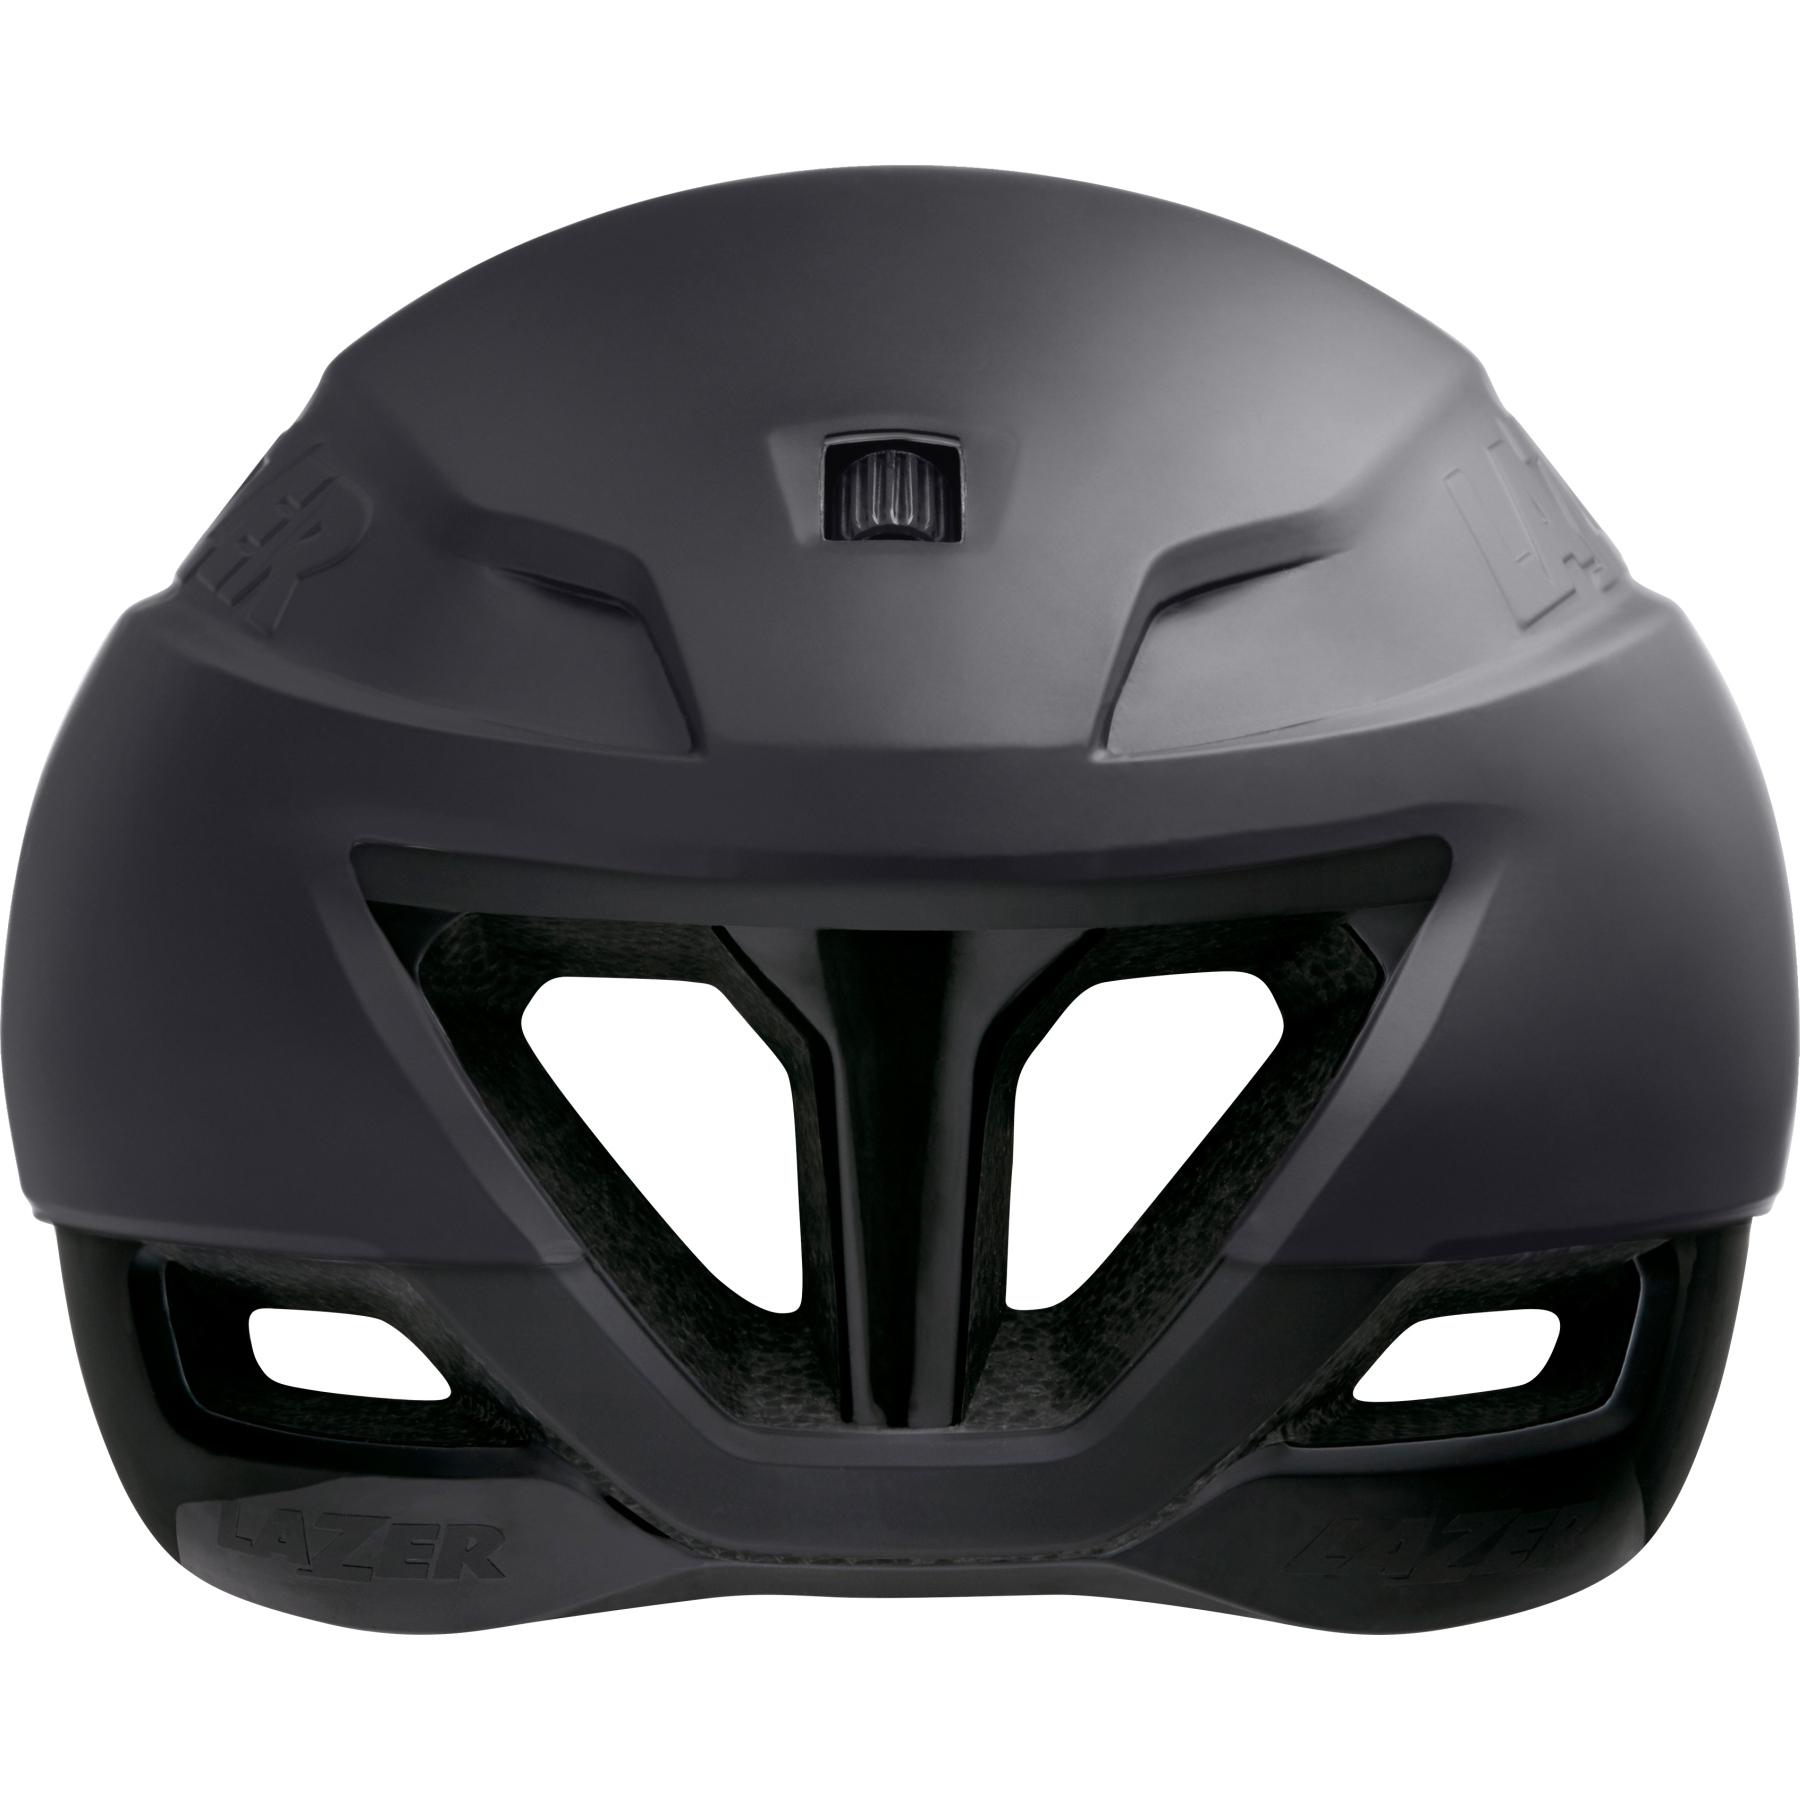 Bild von Lazer Aeroshell Abdeckung für Sphere Helm - black reflective